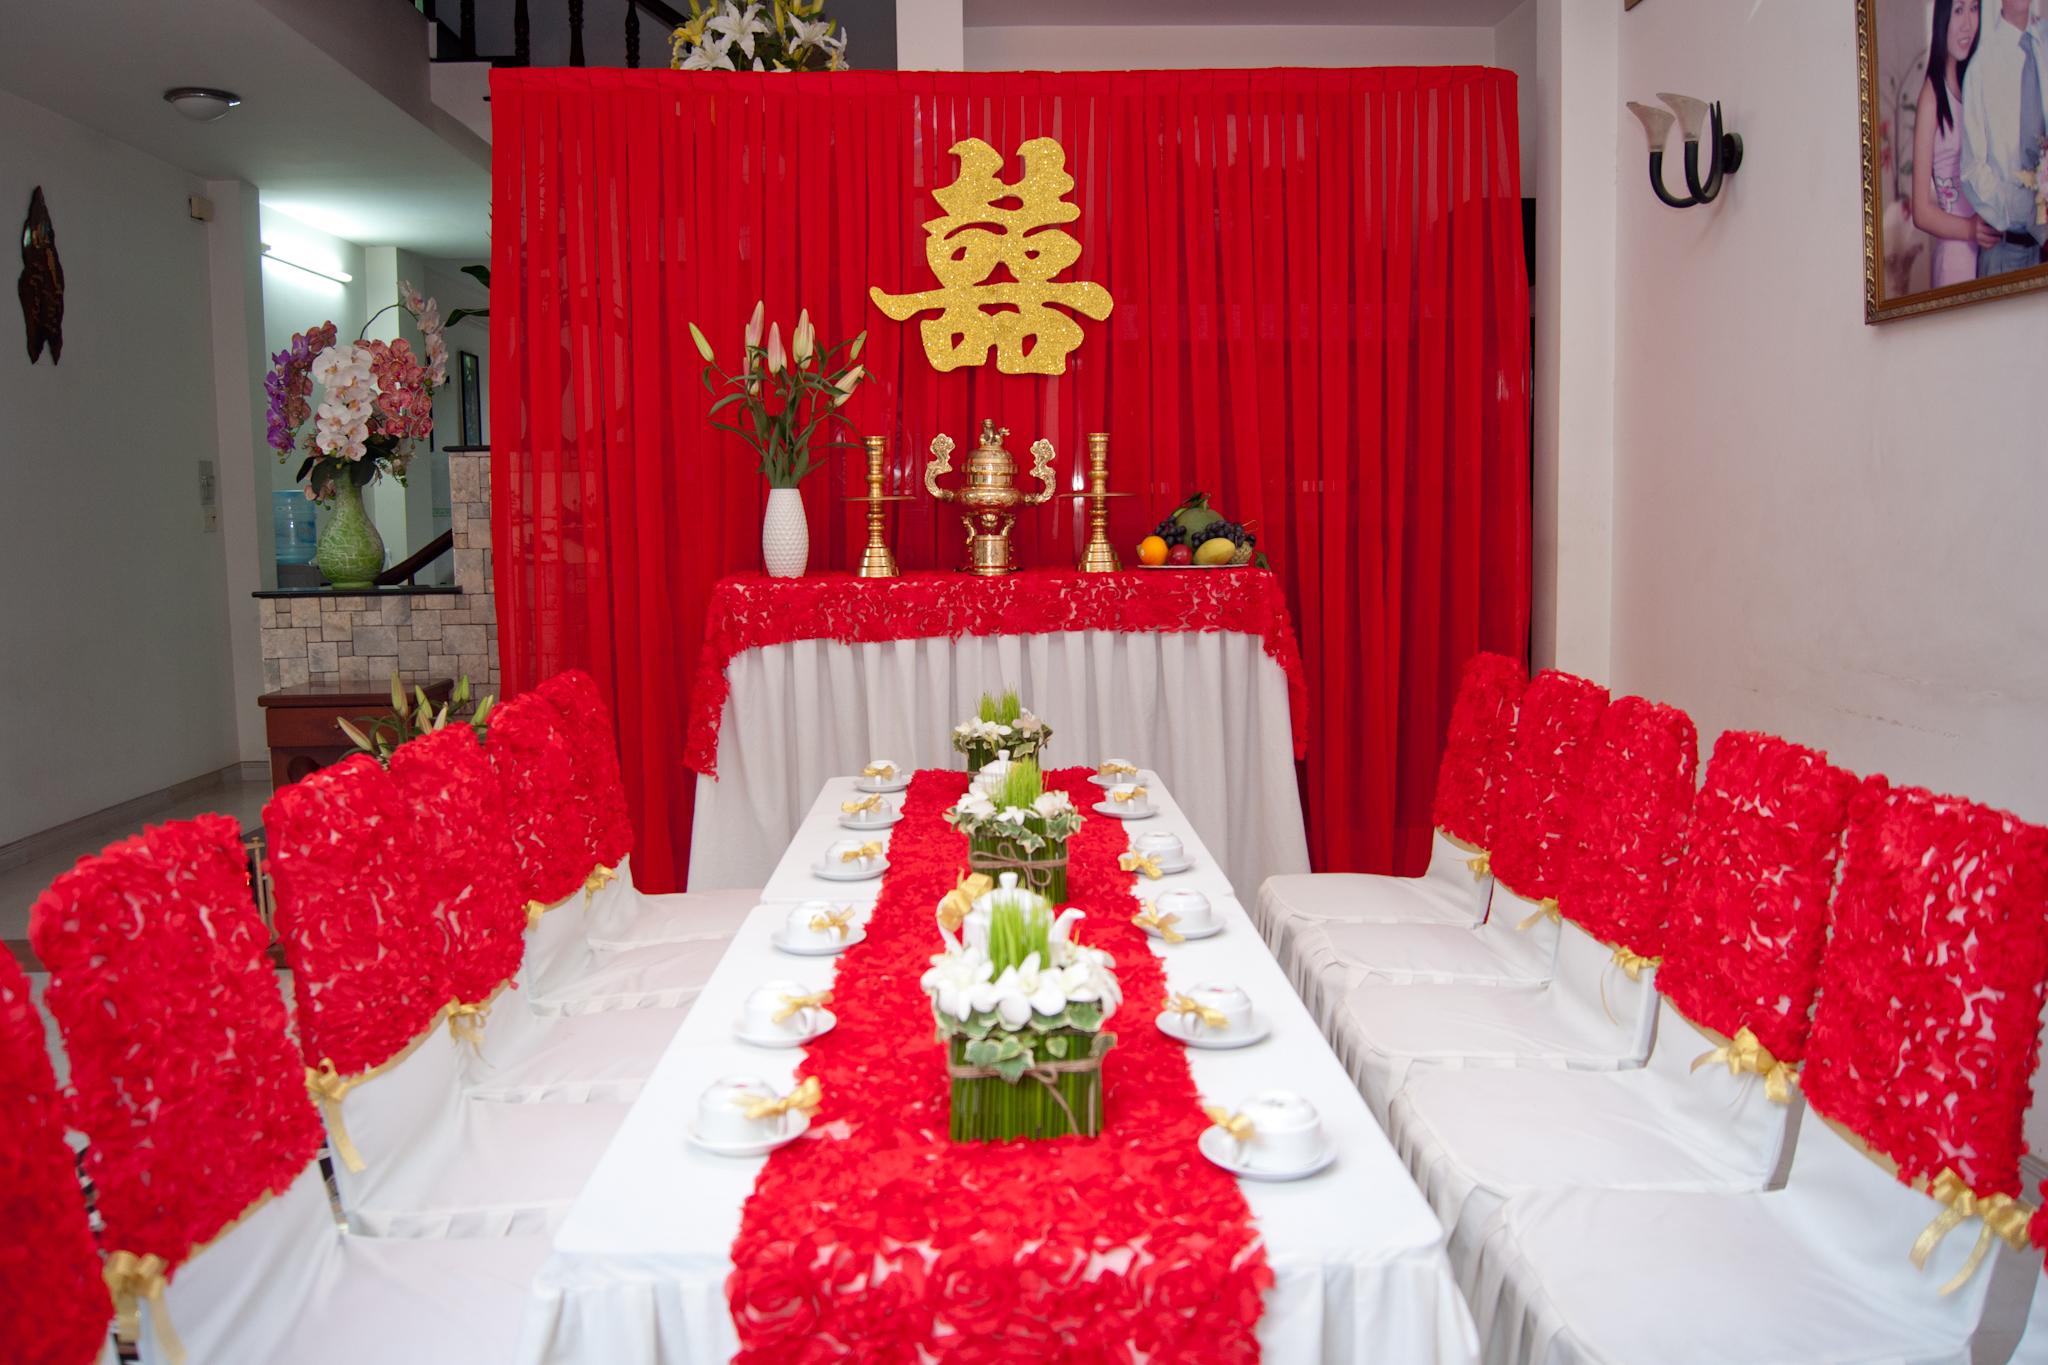 """Đám cưới """"kinh tế"""" dành cho cặp đôi với những combo trang trí nhà cửa trọn gói giá rẻ chỉ dưới 5 triệu đồng - Ảnh 3."""